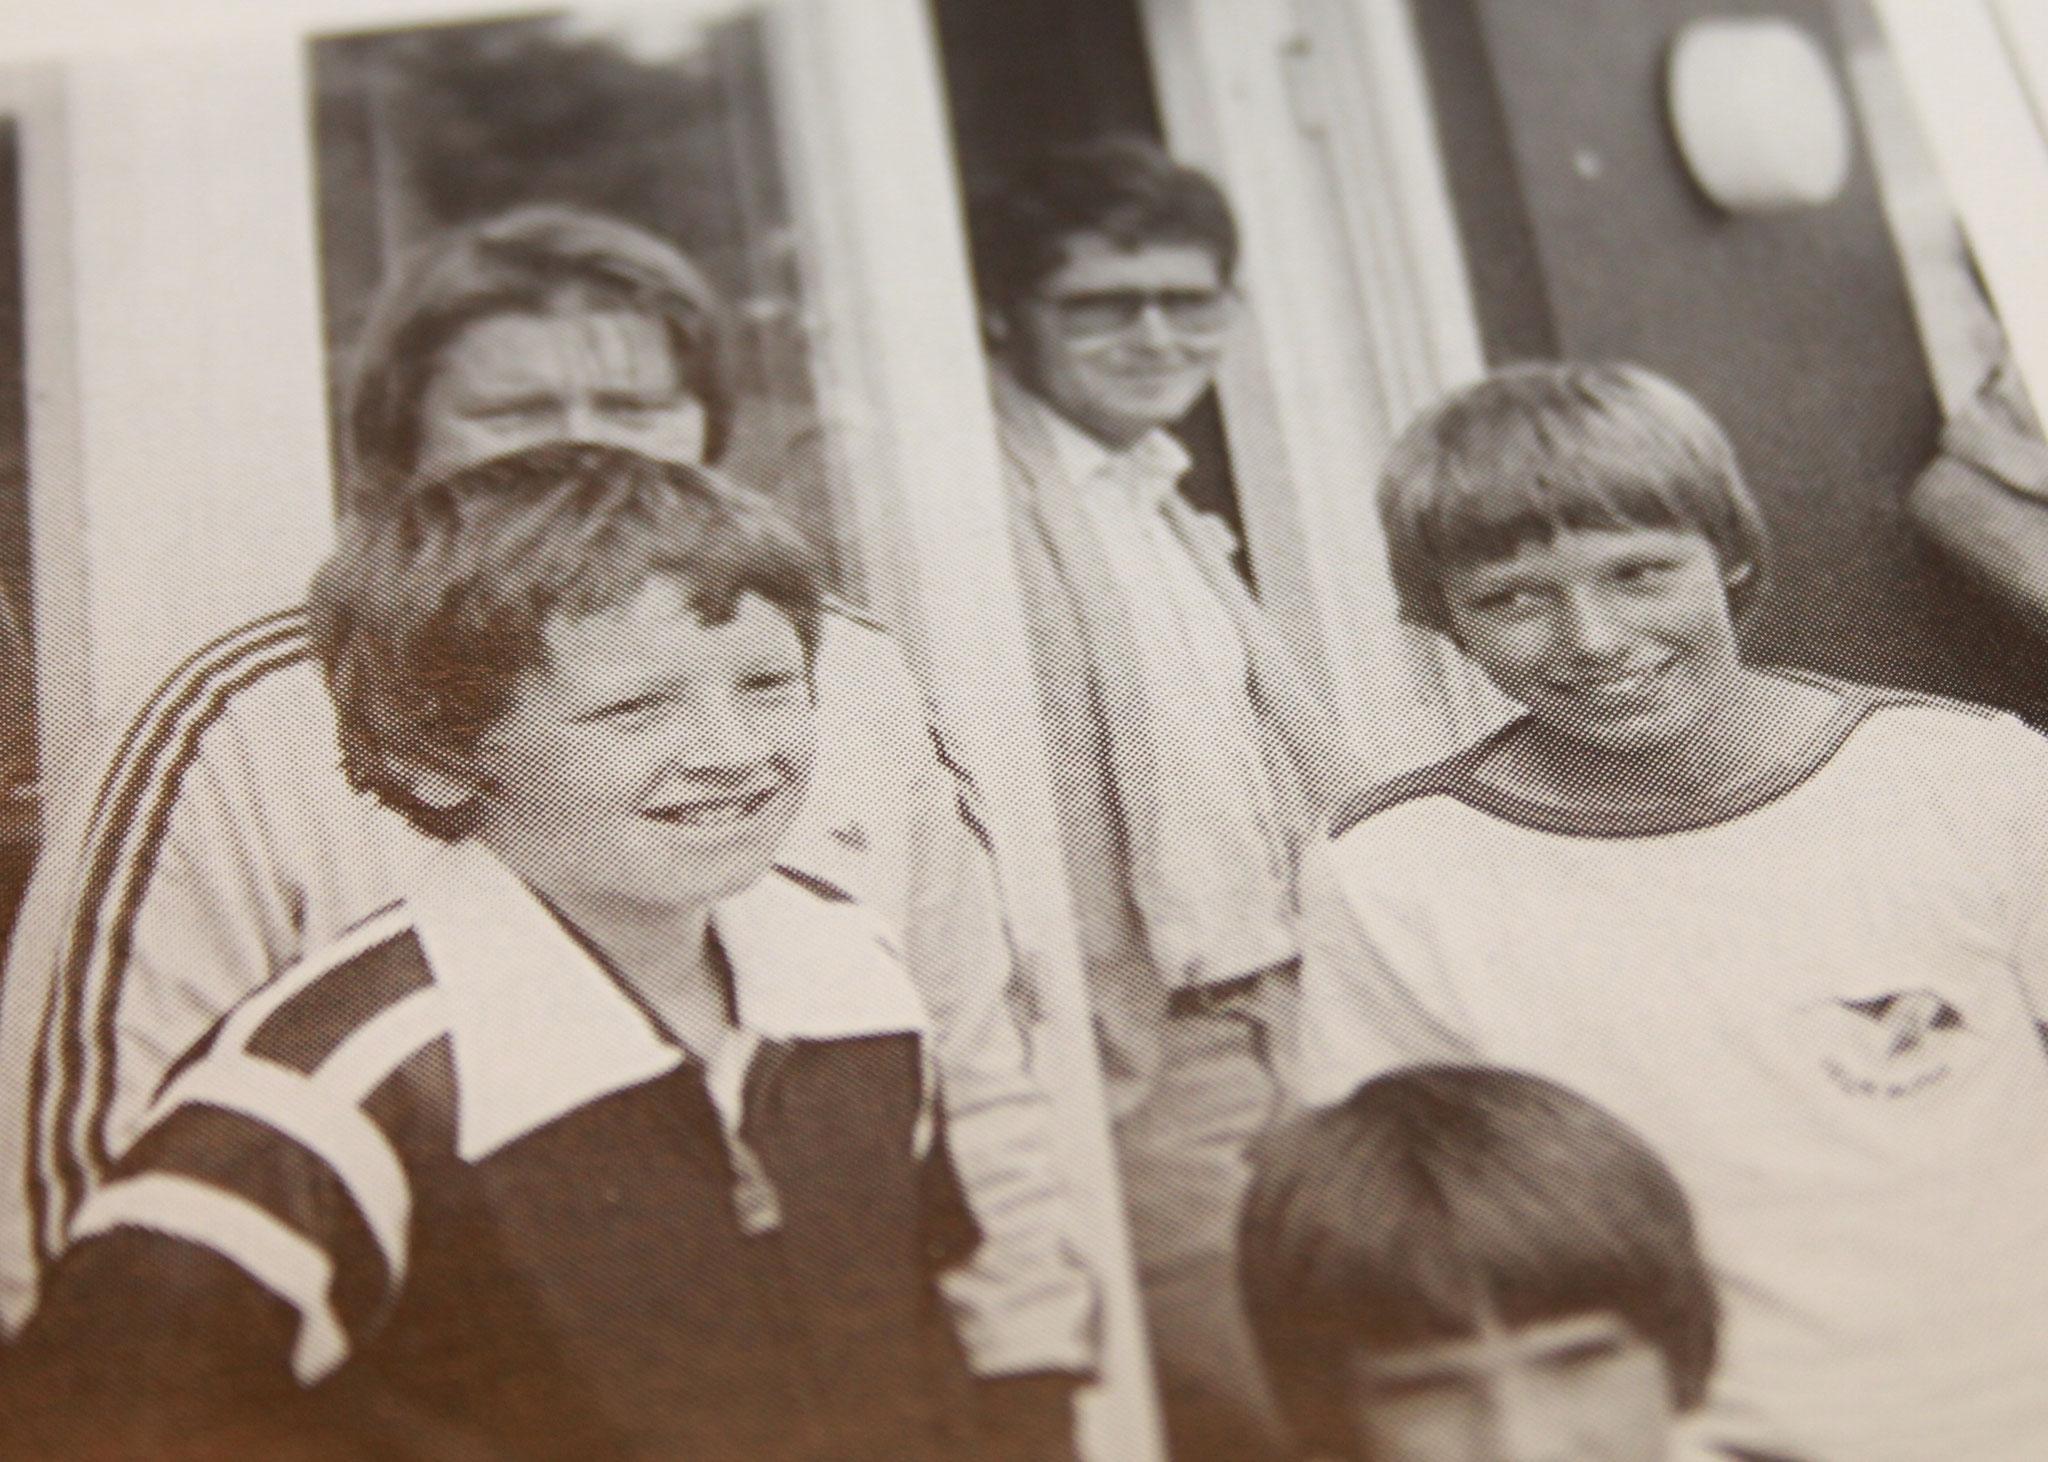 1980 Michael Stich beim TCW Bambino-Turnier. Die vier Halbfinalisten Olaf Bruns, Volker von Thun, Marcus Gellert und ganz rechts Michael Stich.